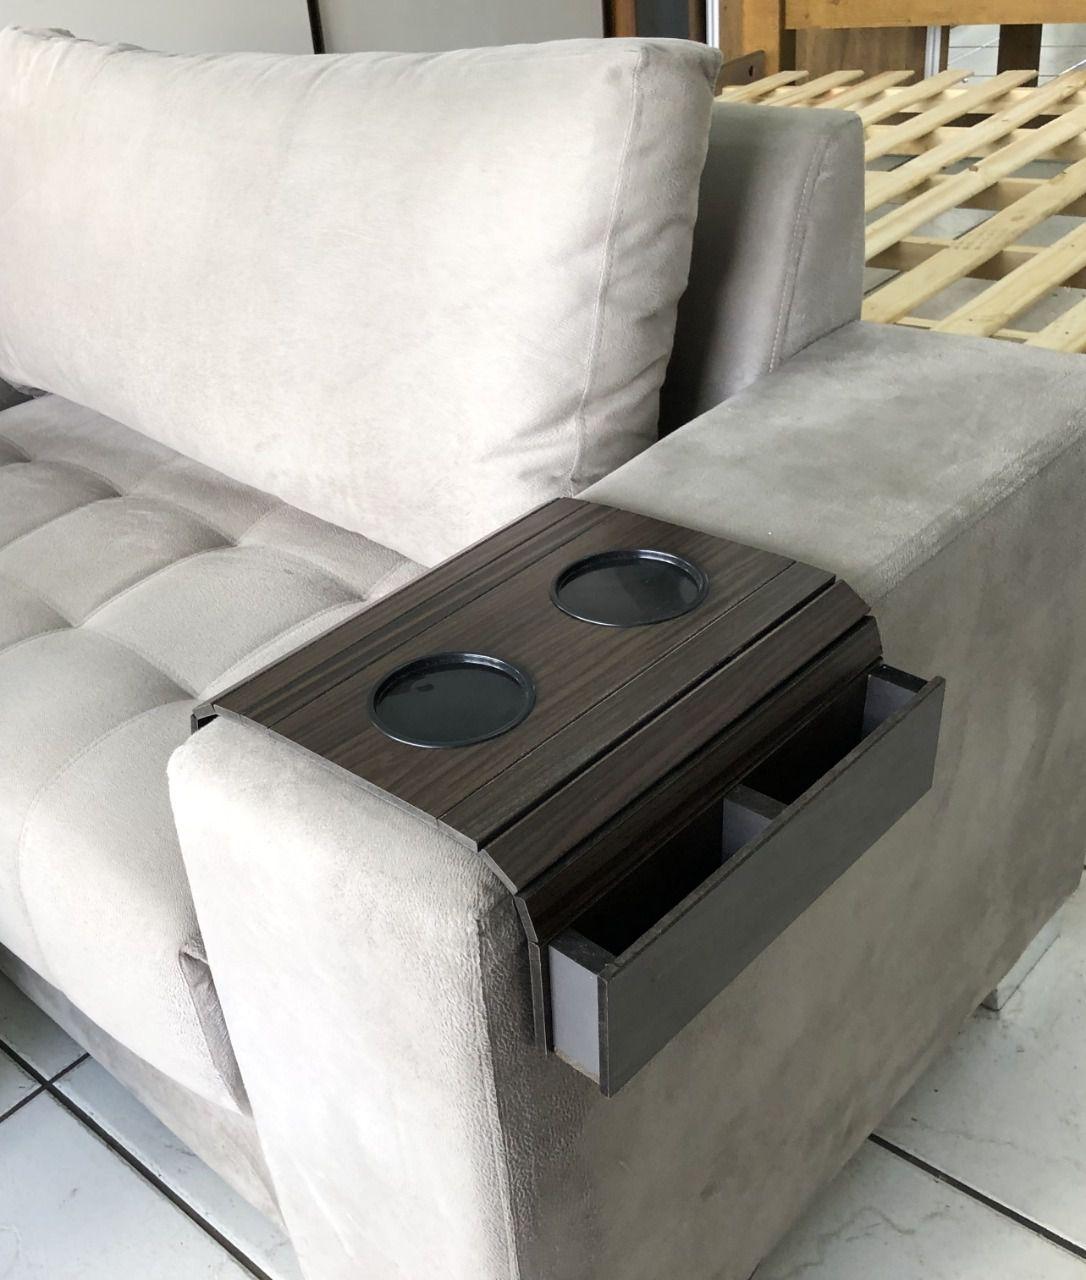 COPY-23-Esteira Bandeja para Sofá com Porta Copos e Porta Controles DM Interiores